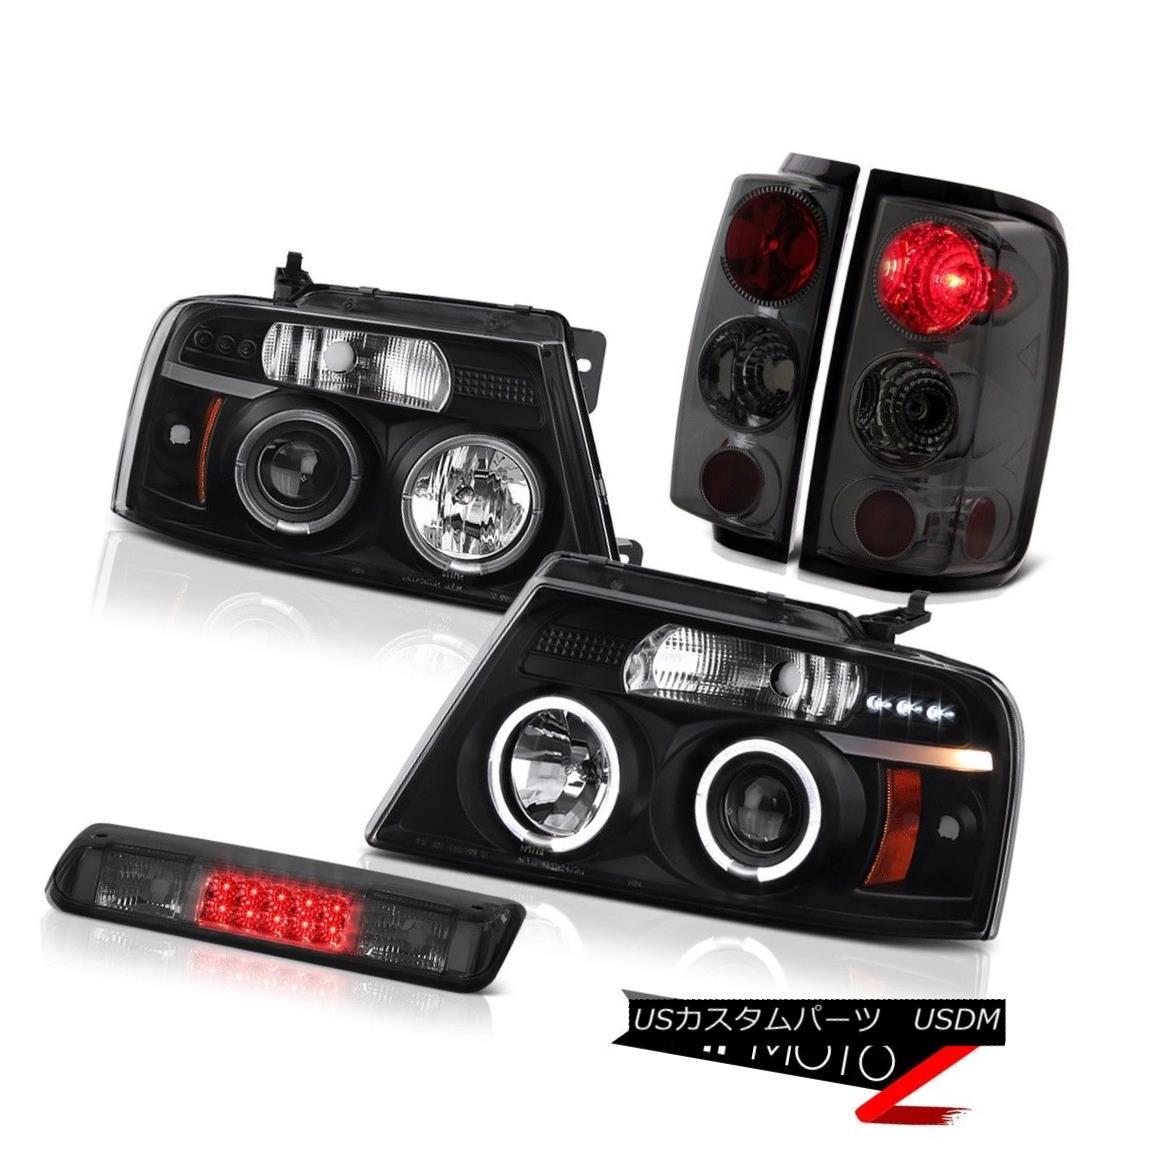 テールライト 2004-2008 Ford F150 Lariat Smoked Roof Cab Lamp Headlights Tail Brake Lights LED 2004-2008 Ford F150 Lariatスモークルーフキャブ・ランプヘッドライトテール・ブレーキライトLED